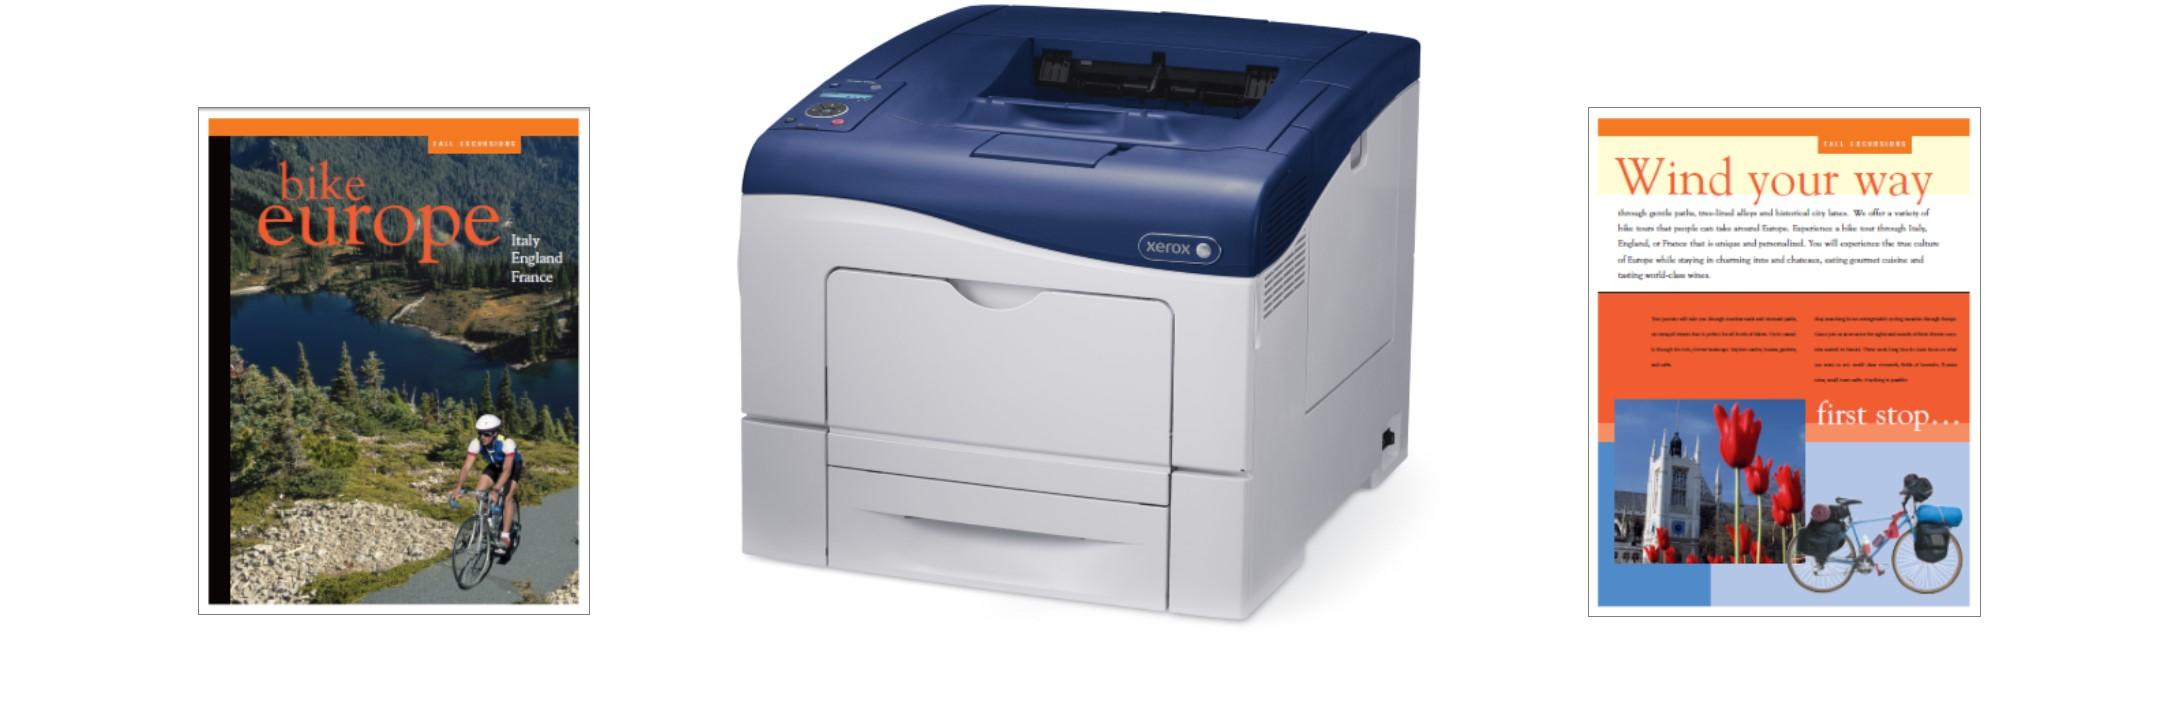 Phaser 6600 Printer Exchange